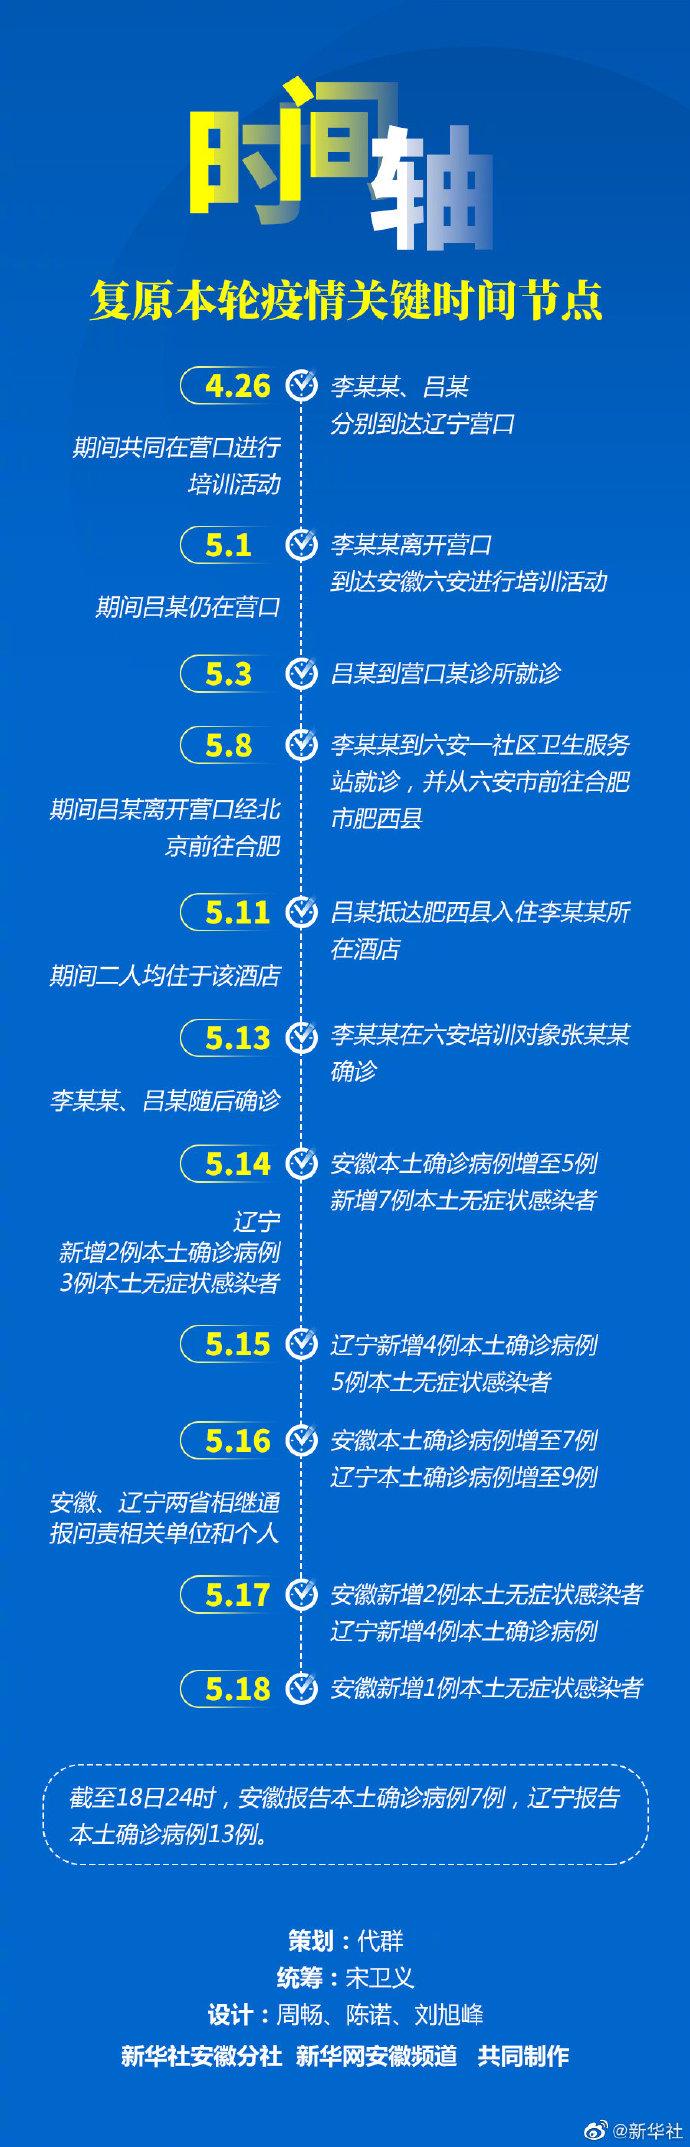 安徽、辽宁本土确诊共20人 一图复盘疫情关键时间链